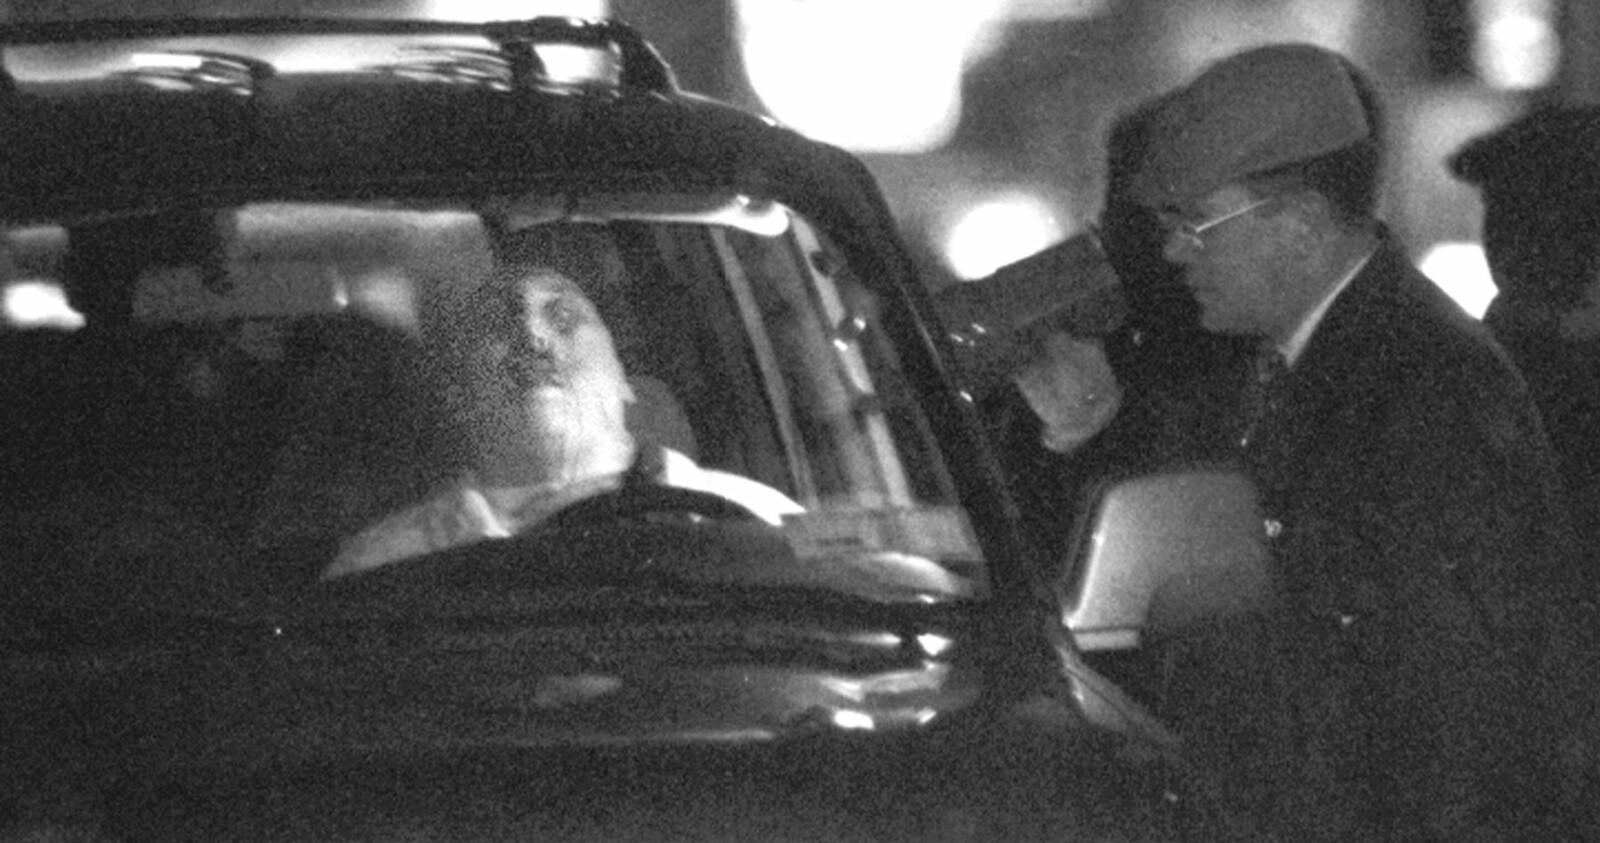 <b>KRIG I COLOMBO-FAMILIEN:</b> Tidig på 90-tallet brøt det ut fraksjonskrig i Colombo-familien da Vittorio Orena utfordret makten til den fengslede gudfaren Carmine Persico. Nicholas Nicky Black Grancio satset på Orena. Det ble hans bane. I januar 1992 ble han skutt og drept i sin Toyota Land Cruiser utenfor klubben han pleide å frekventere. Han ble drept av Scarpas gjeng som var lojale mot Persico.Scarpa var svekket av sykdom, men drapsinstinktet var inntakt. Scarpa skjøt Grancio flere ganger i hodet for å forvisse seg om at han var død.